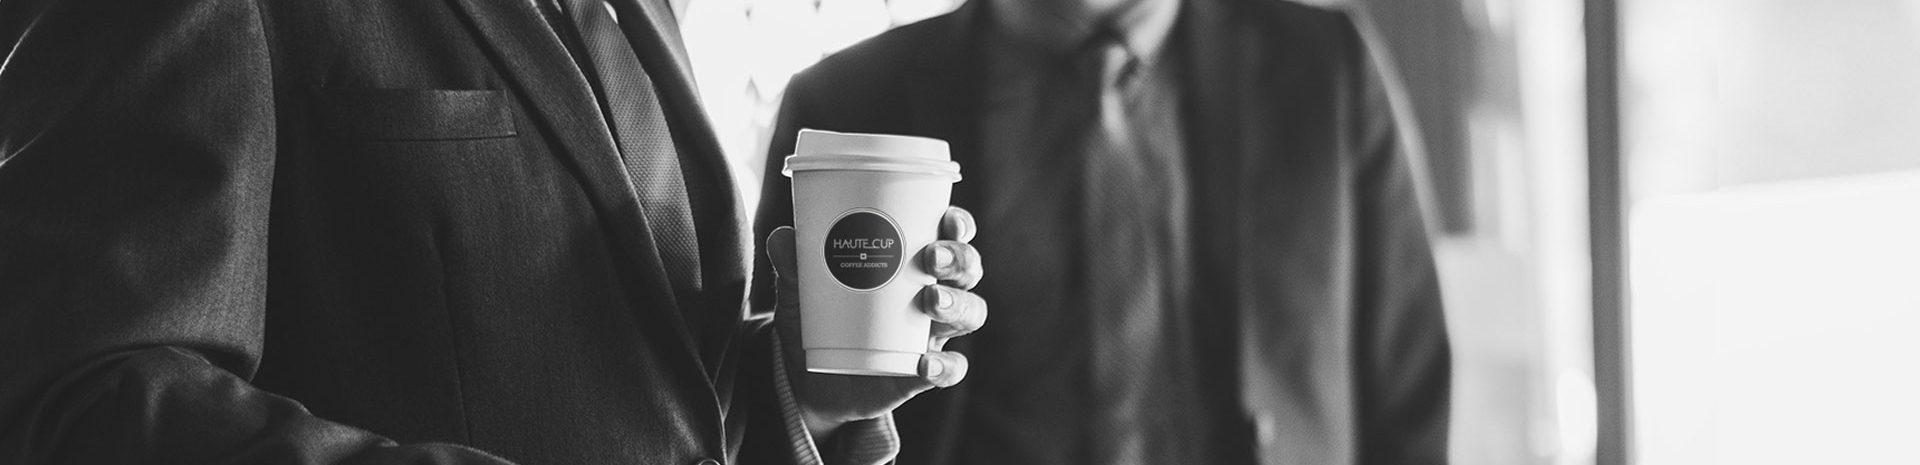 Haute Cup Constanta - Cafea boabe de specialitate proaspat prajite local